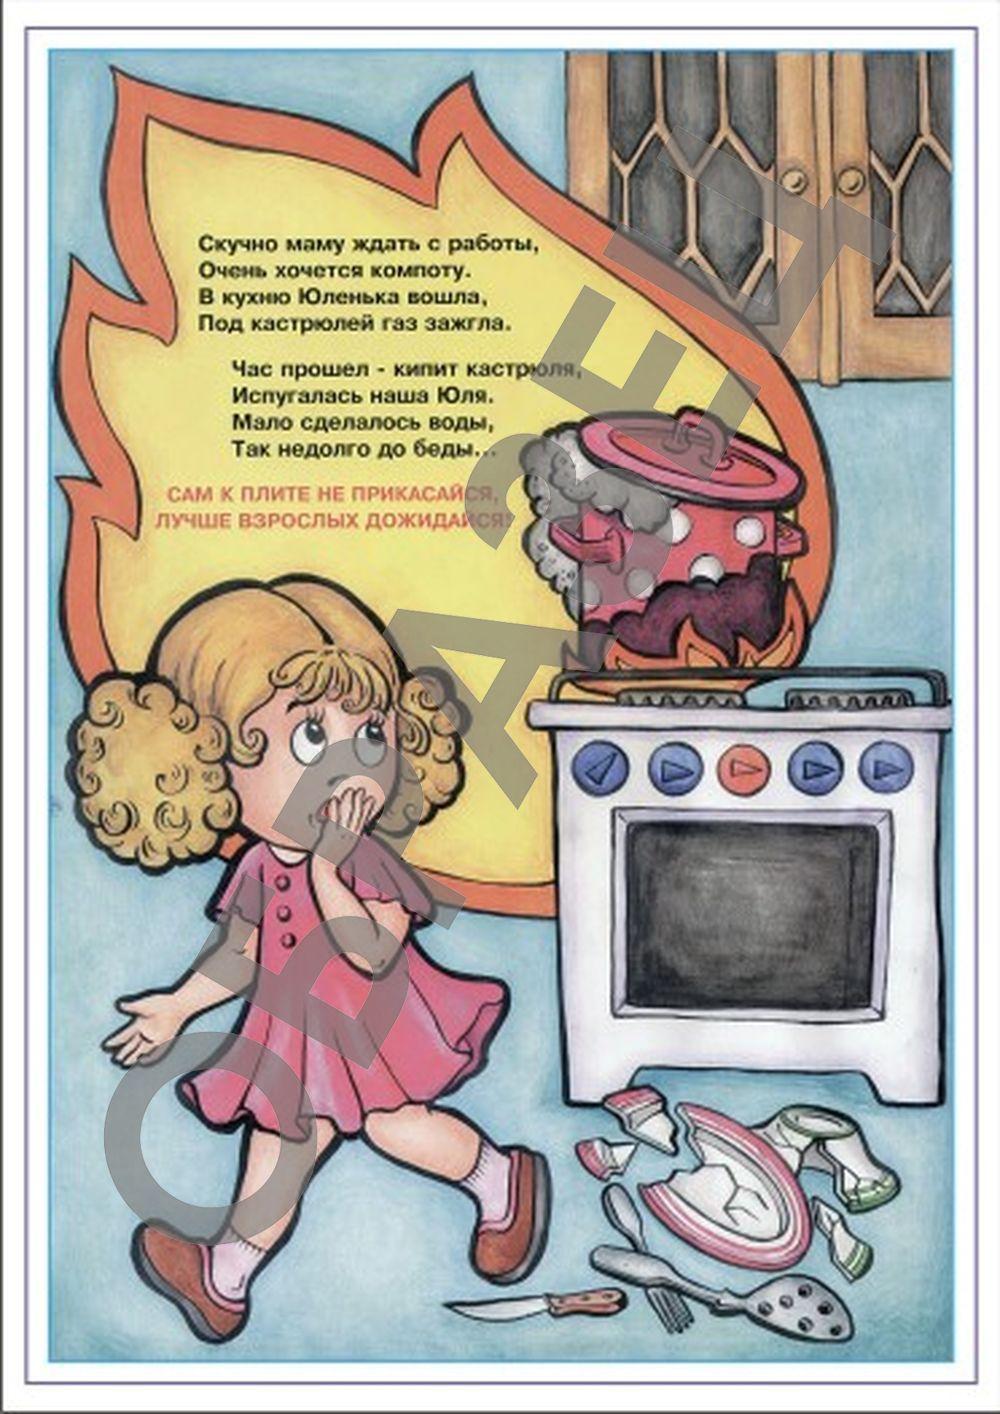 Комплект плакатов Пожарная безопасность детям, 10 шт